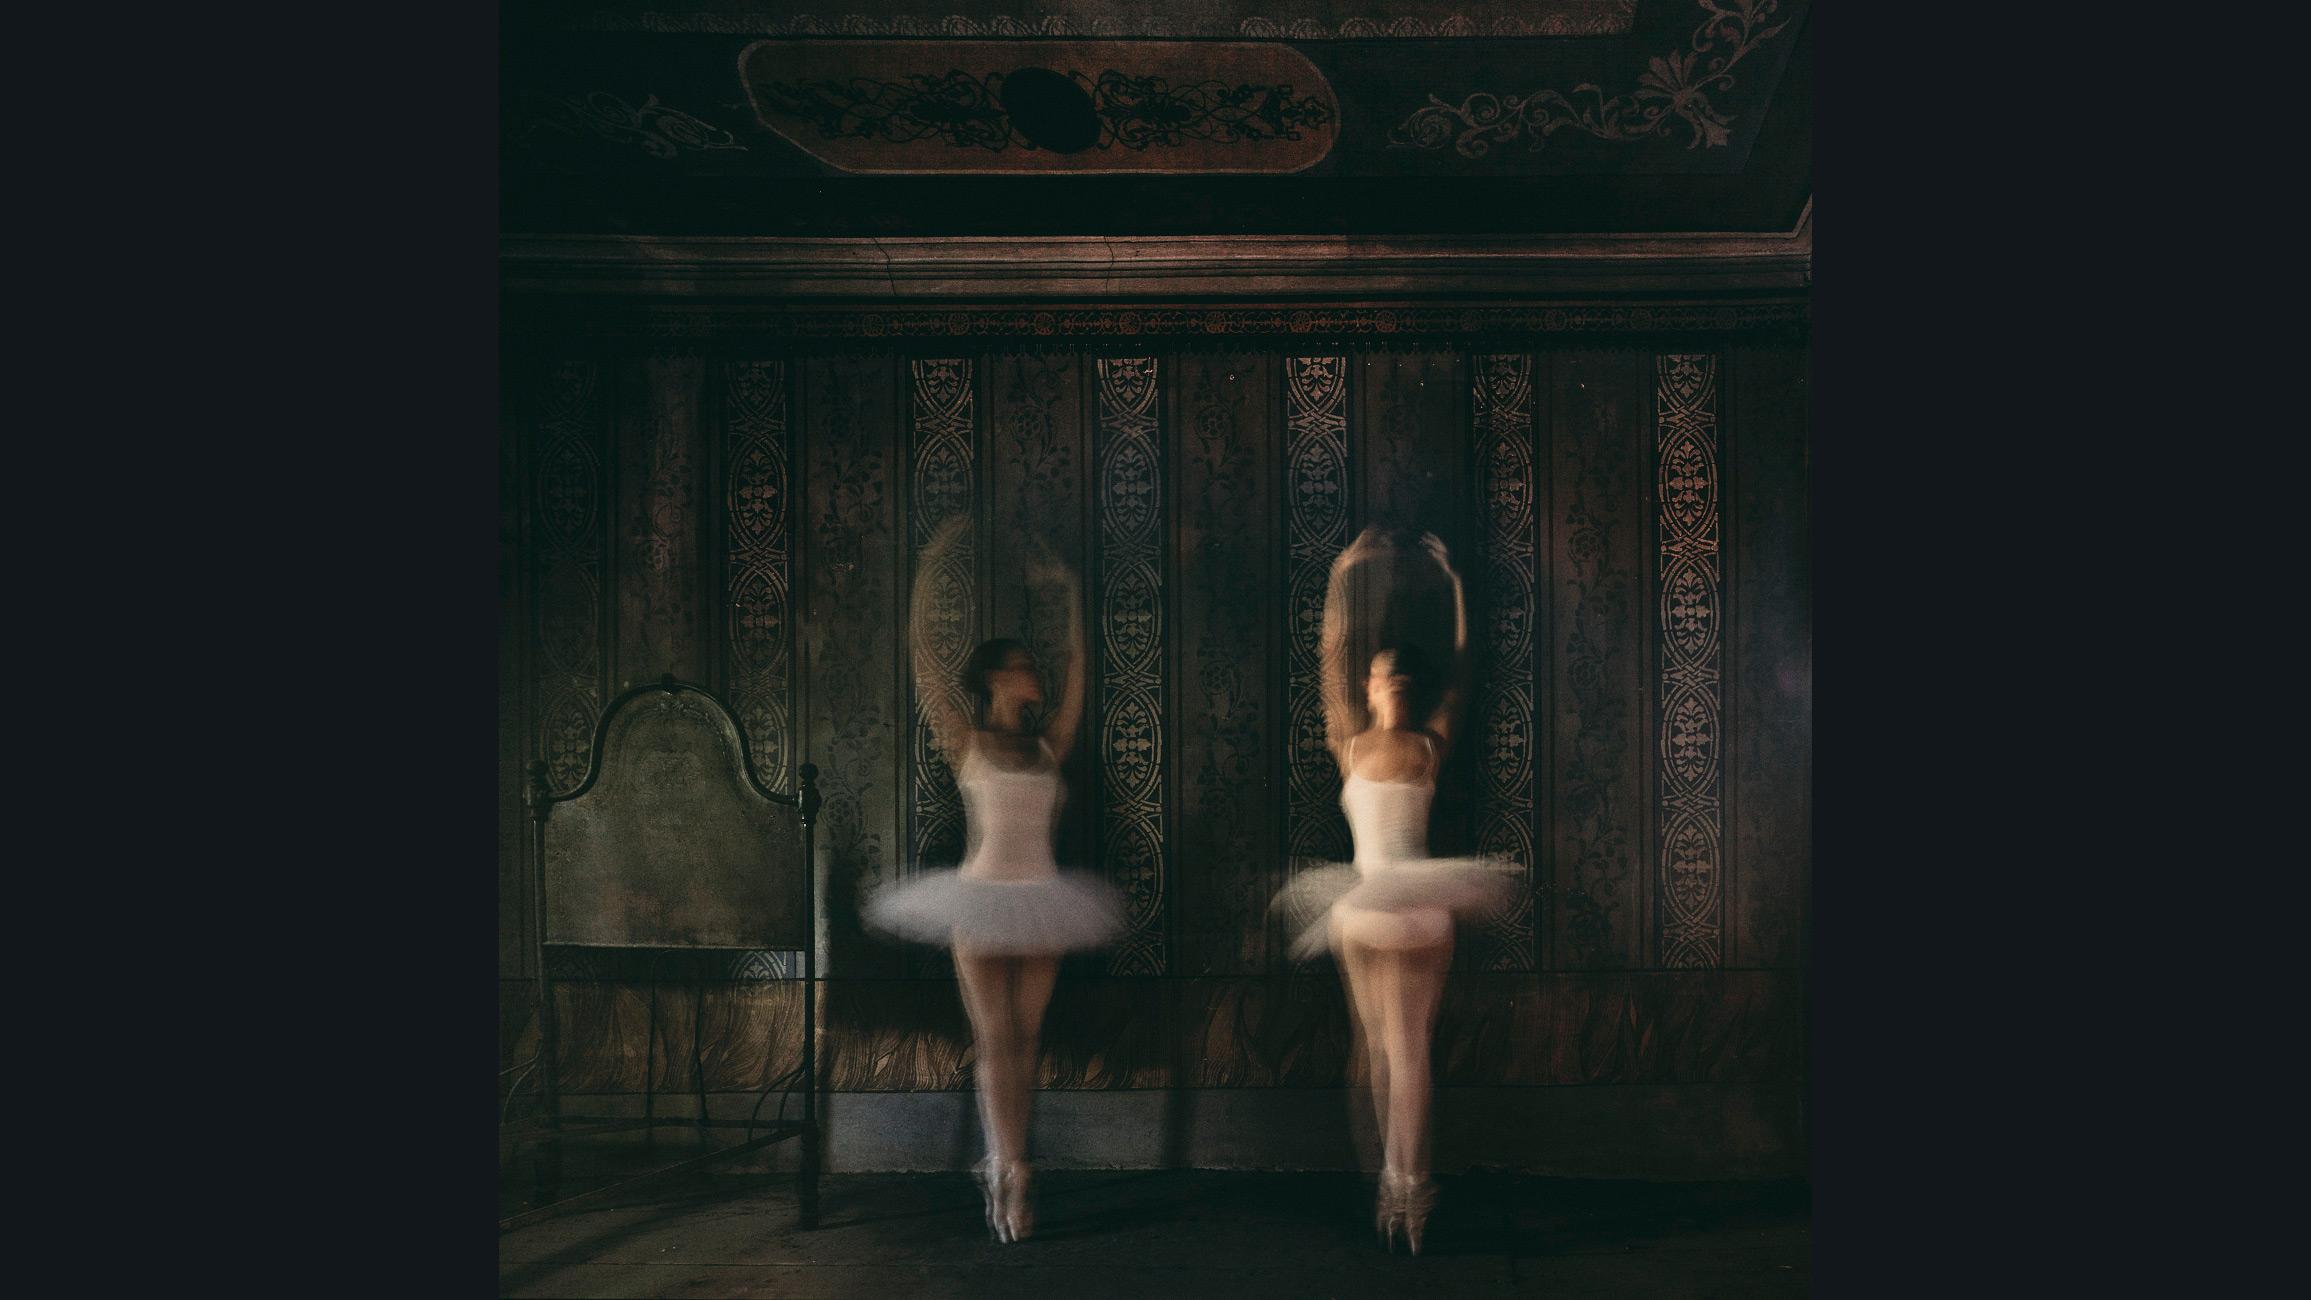 The Ballerina's rehearsal #1